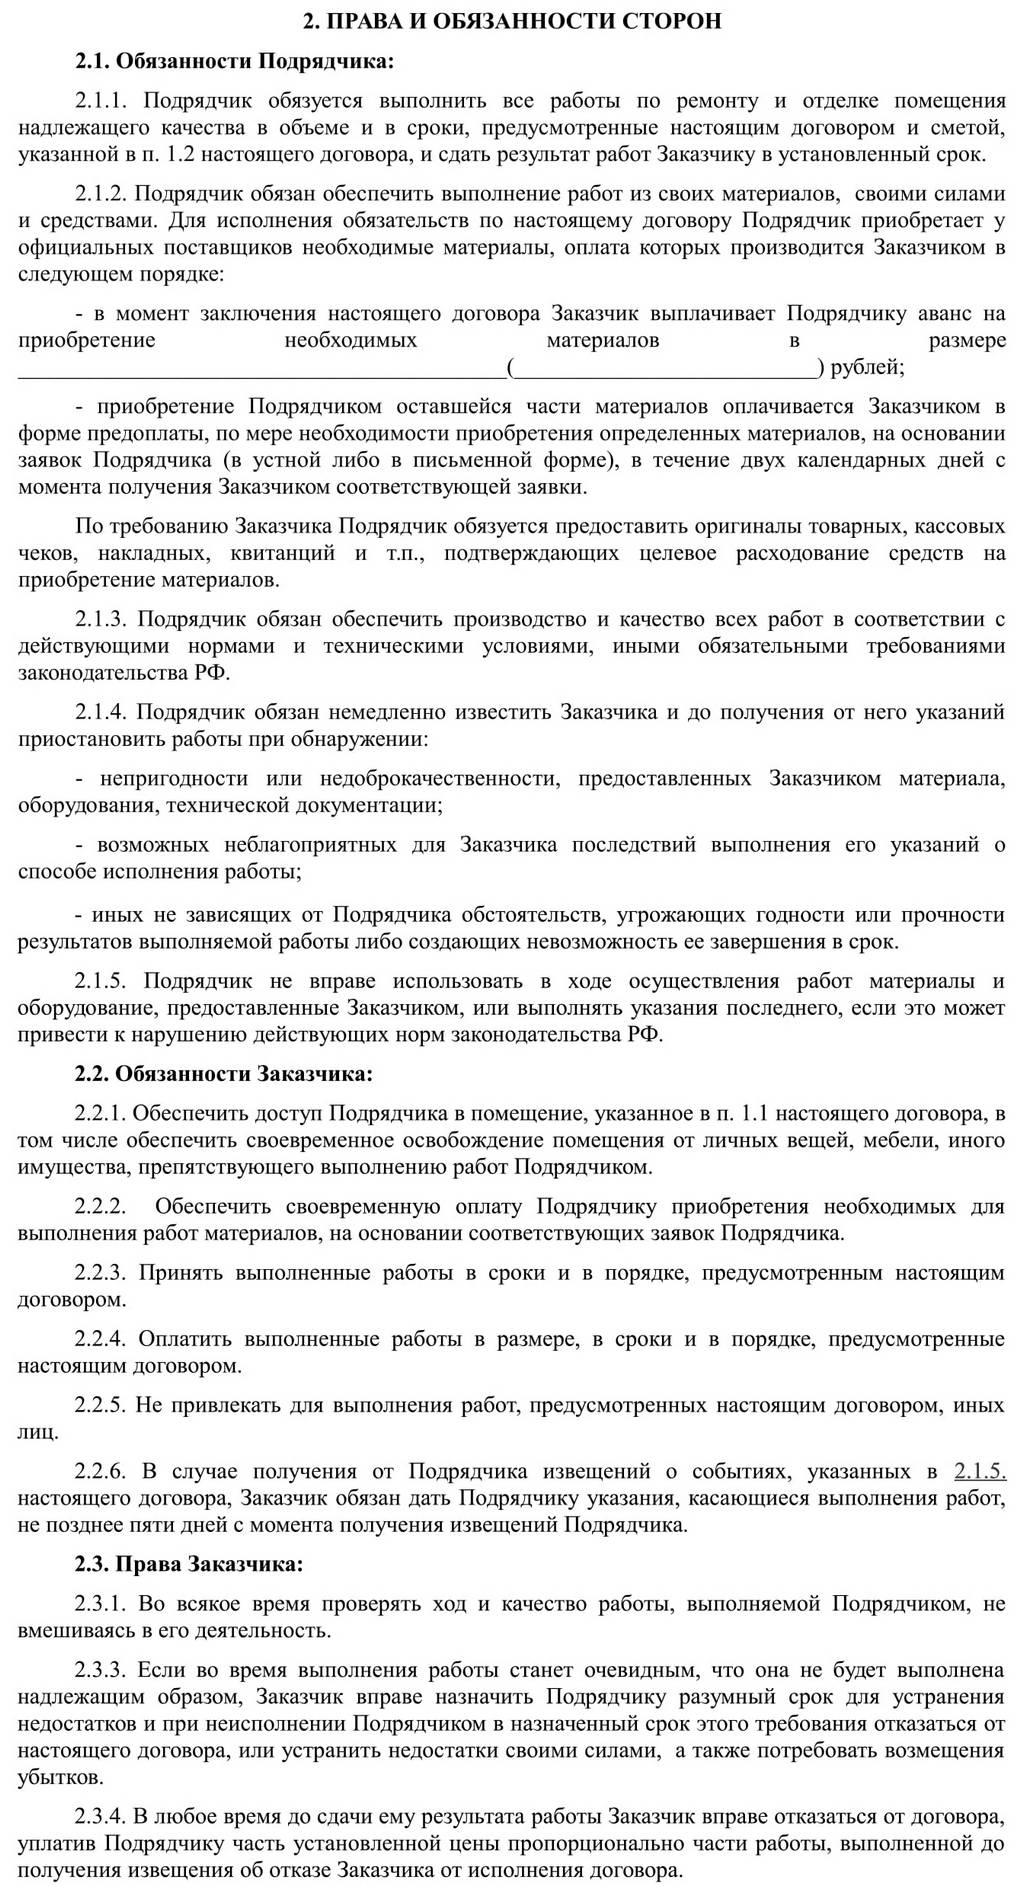 Договор подряда на ремонт кровли между юридическими лицами